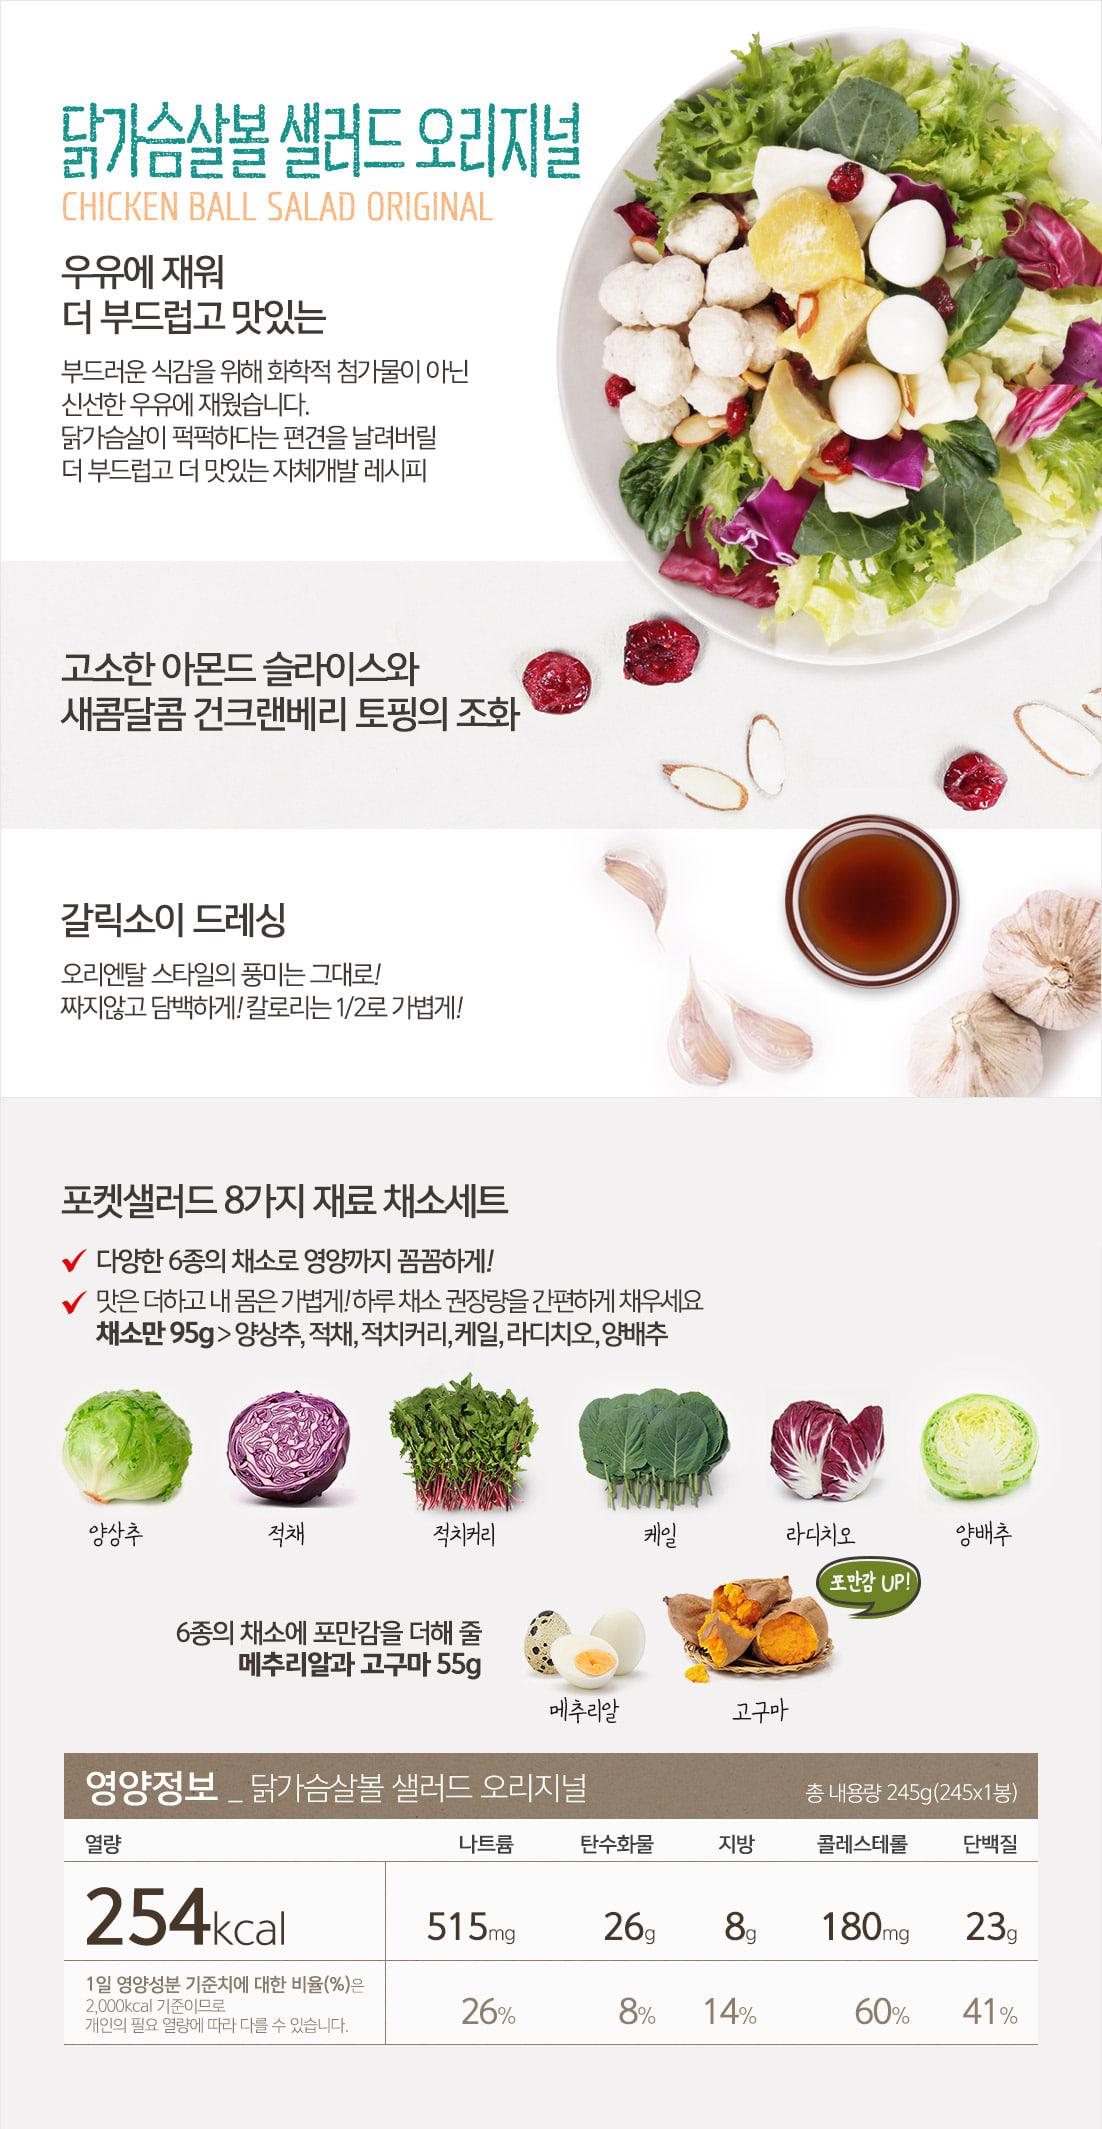 오리지널맛샐러드 상세페이지_영양정보